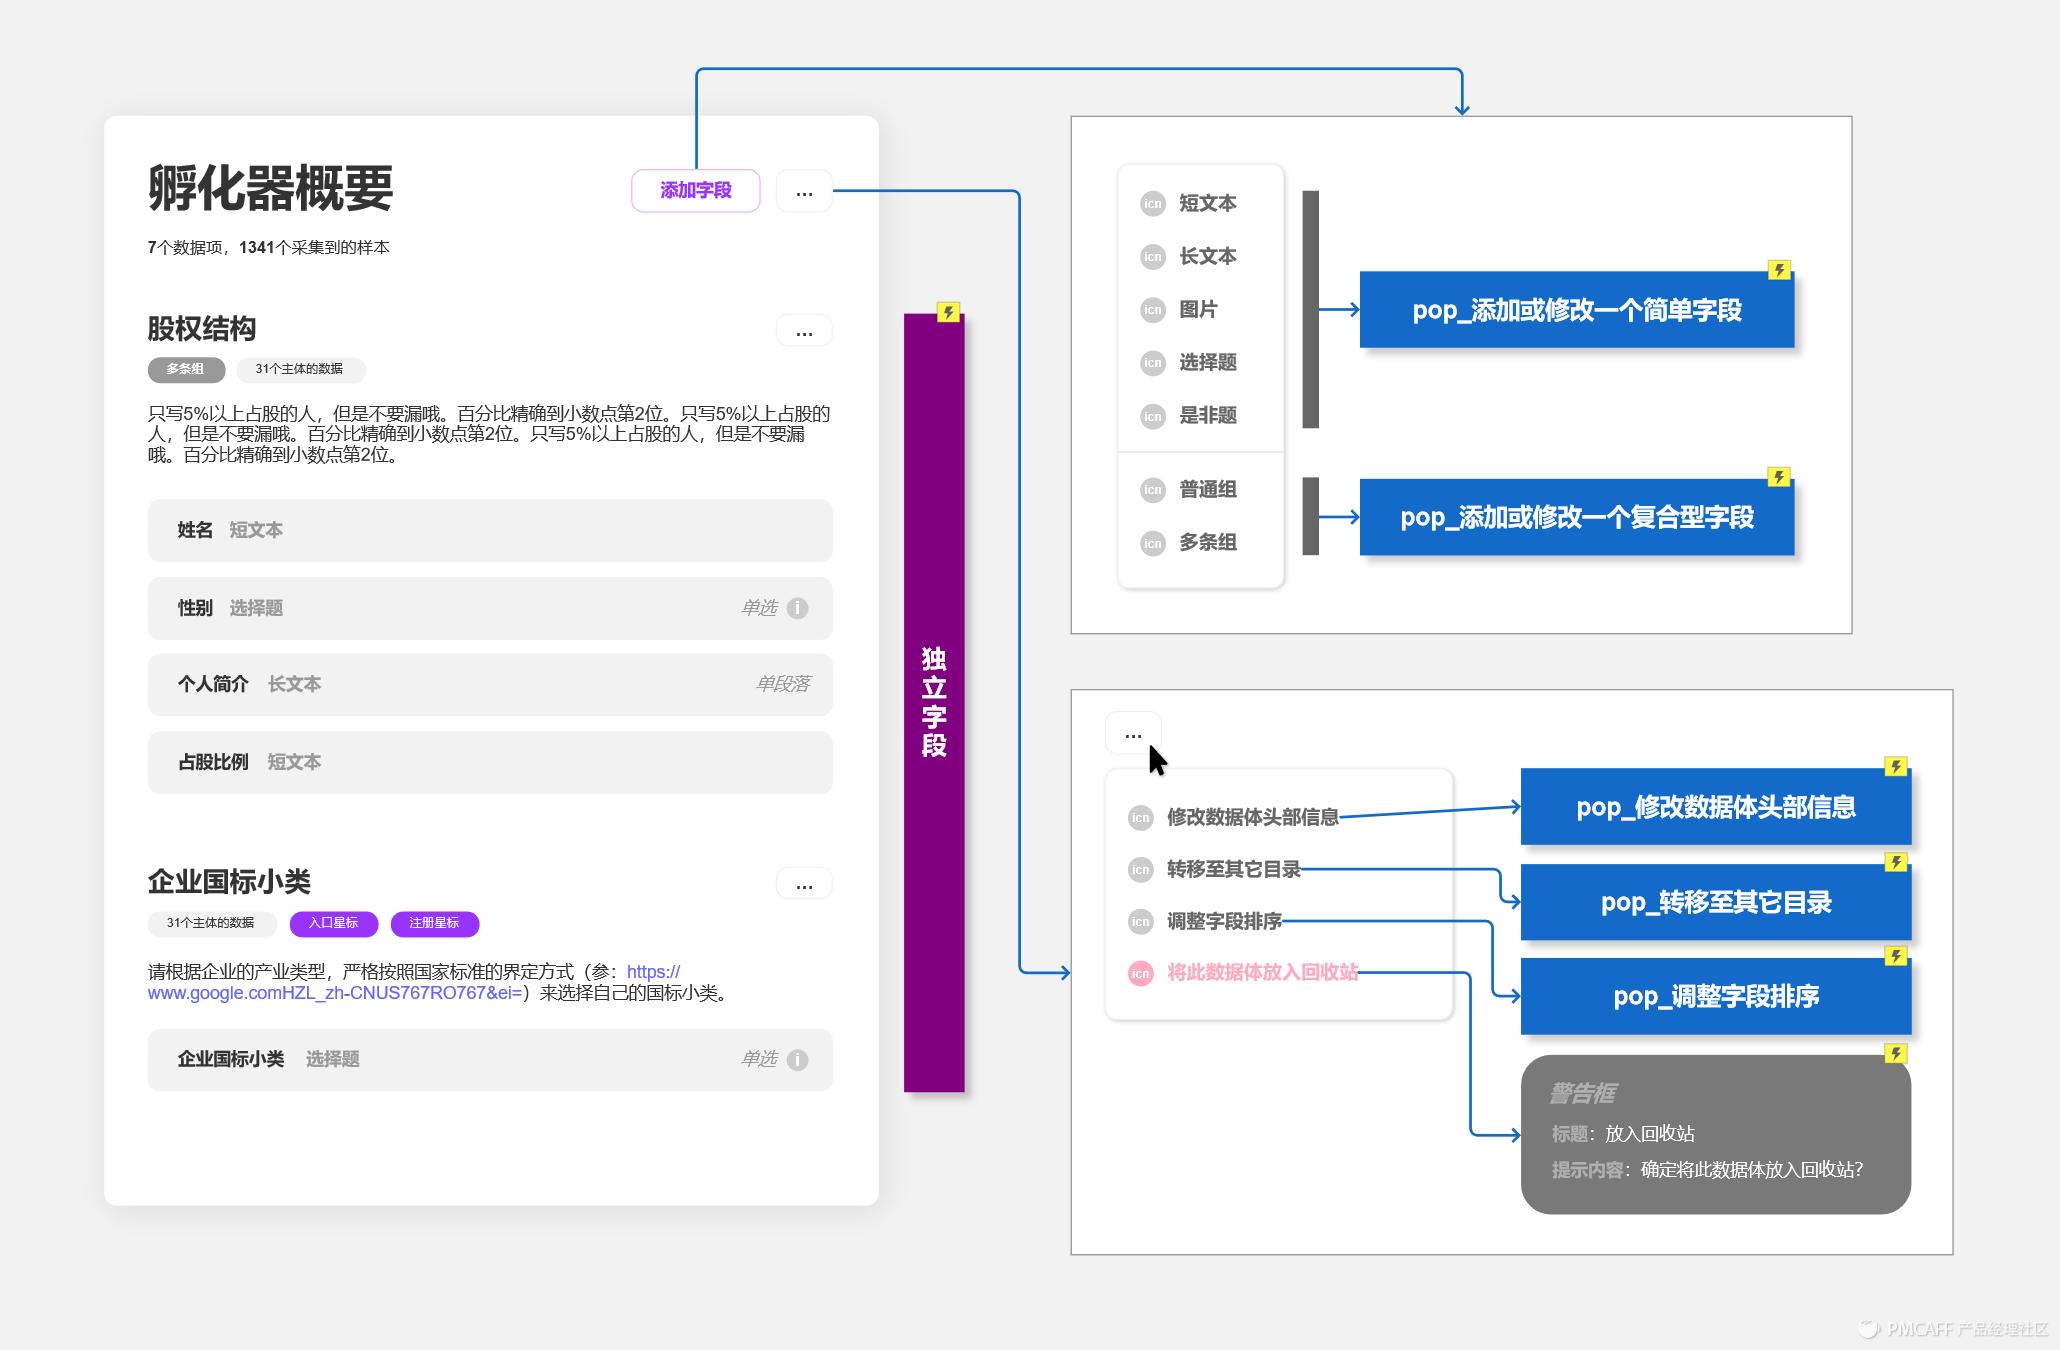 认真教新手设计一个顶级表单定制后台PRD--运营喵的世界